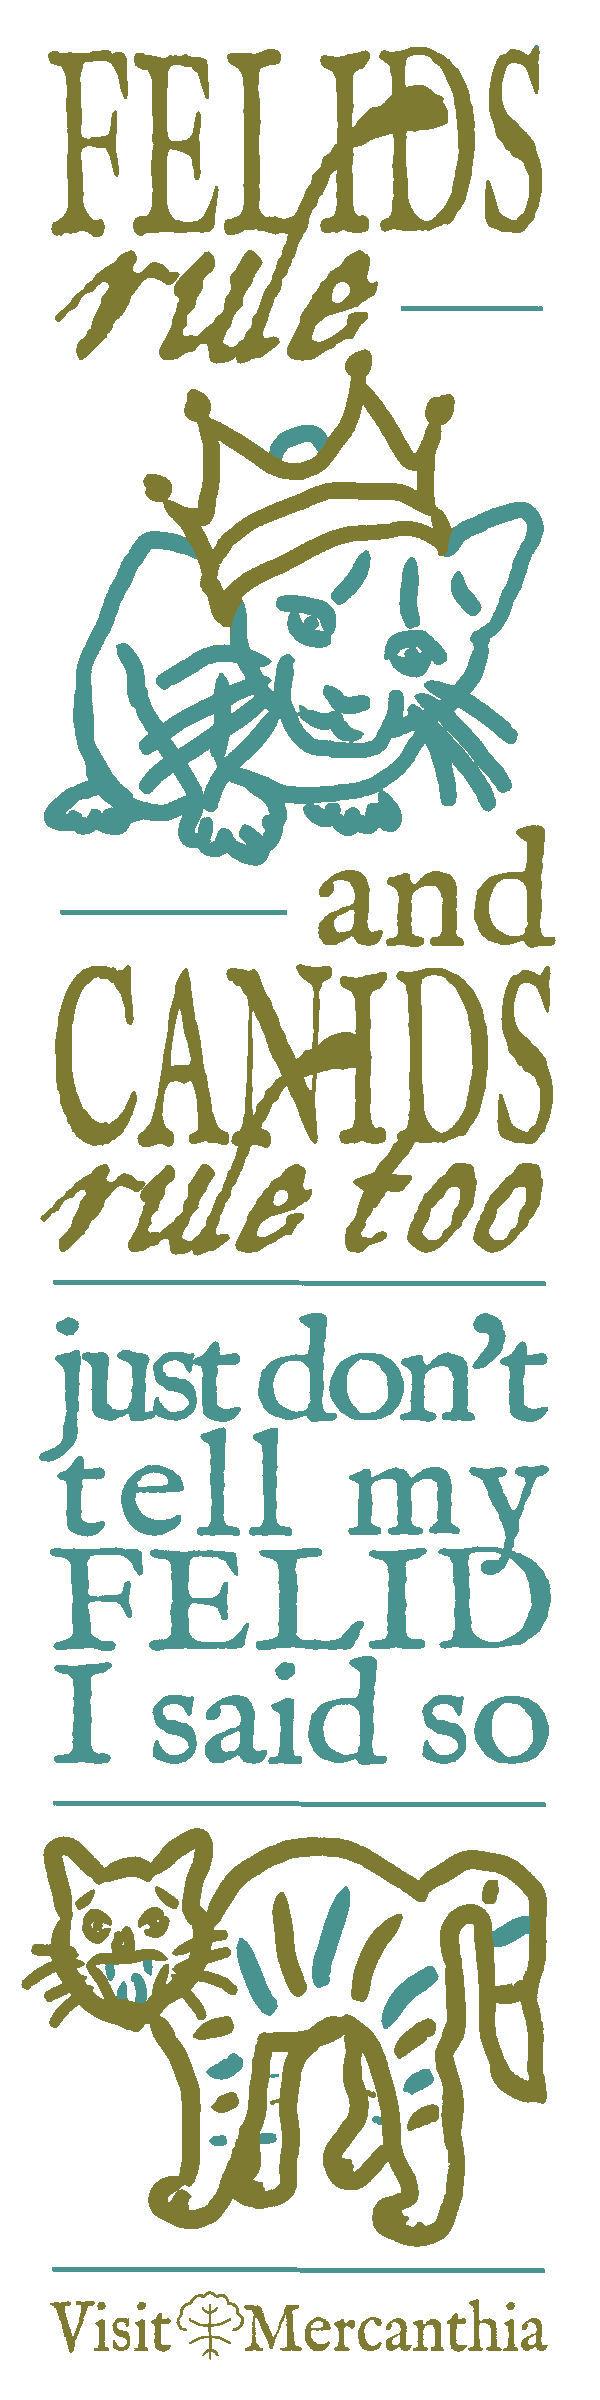 Felids rule...